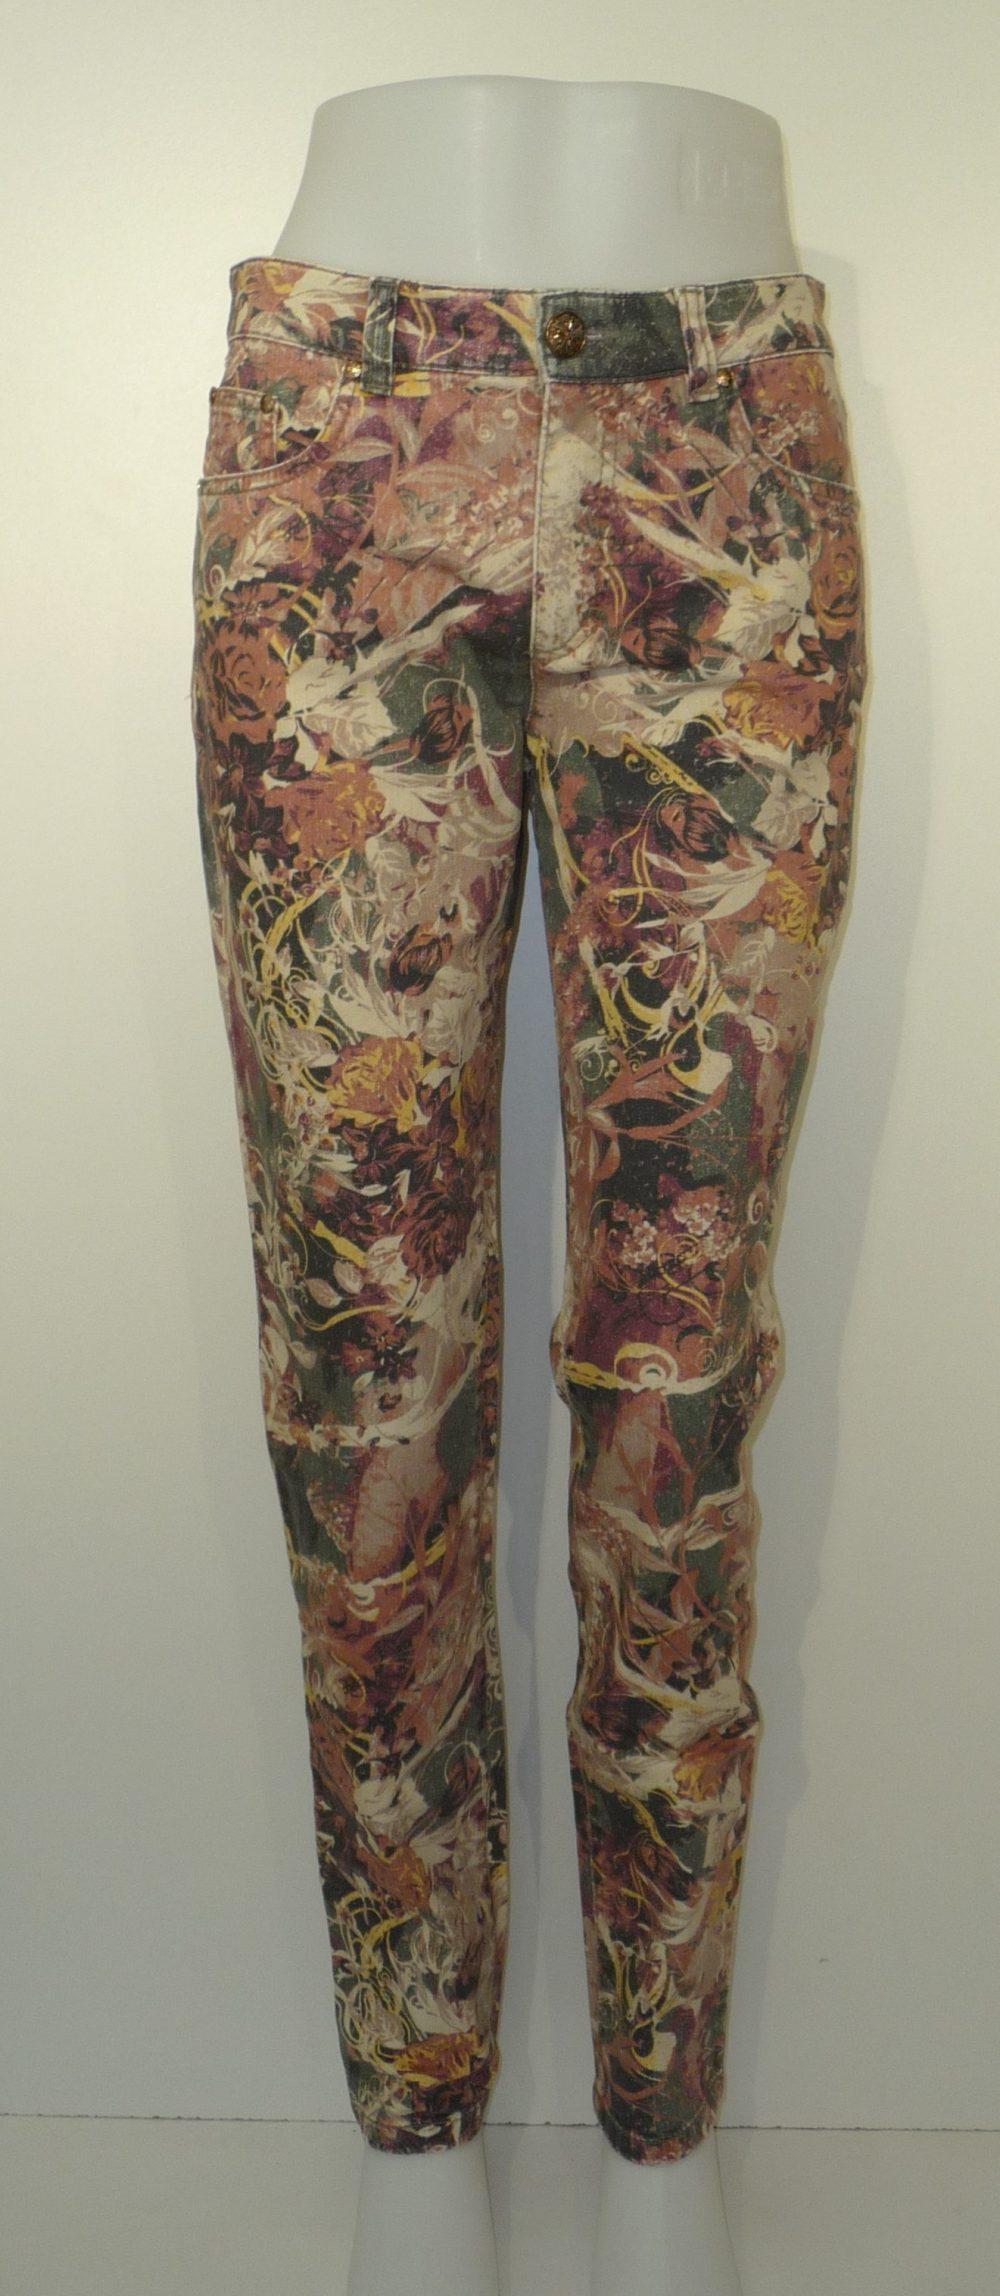 Broek Anna Montanna jeans